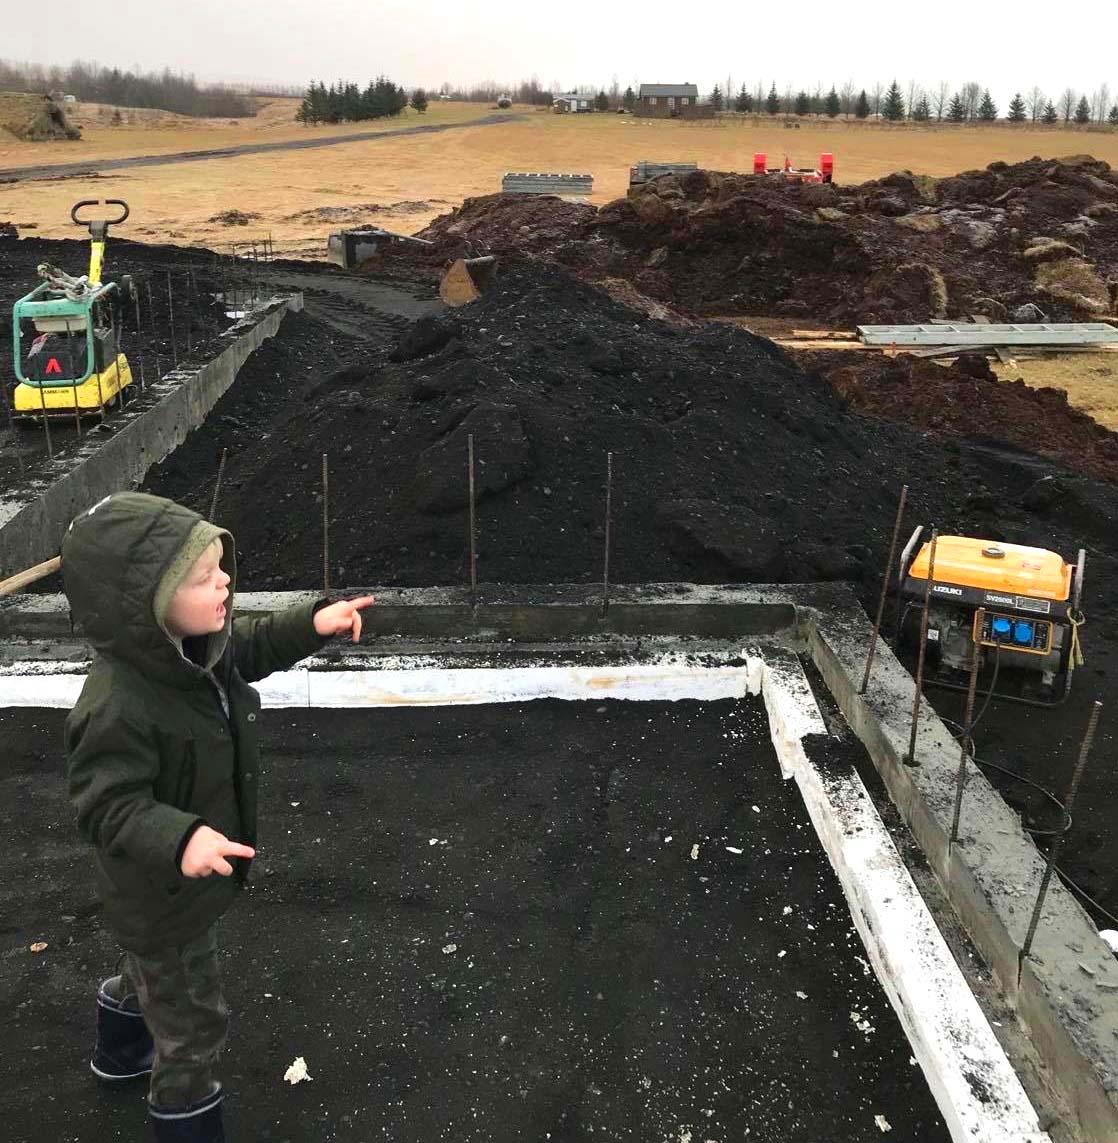 Jörnträhus Fritidshus Husbyggsats Island pojke